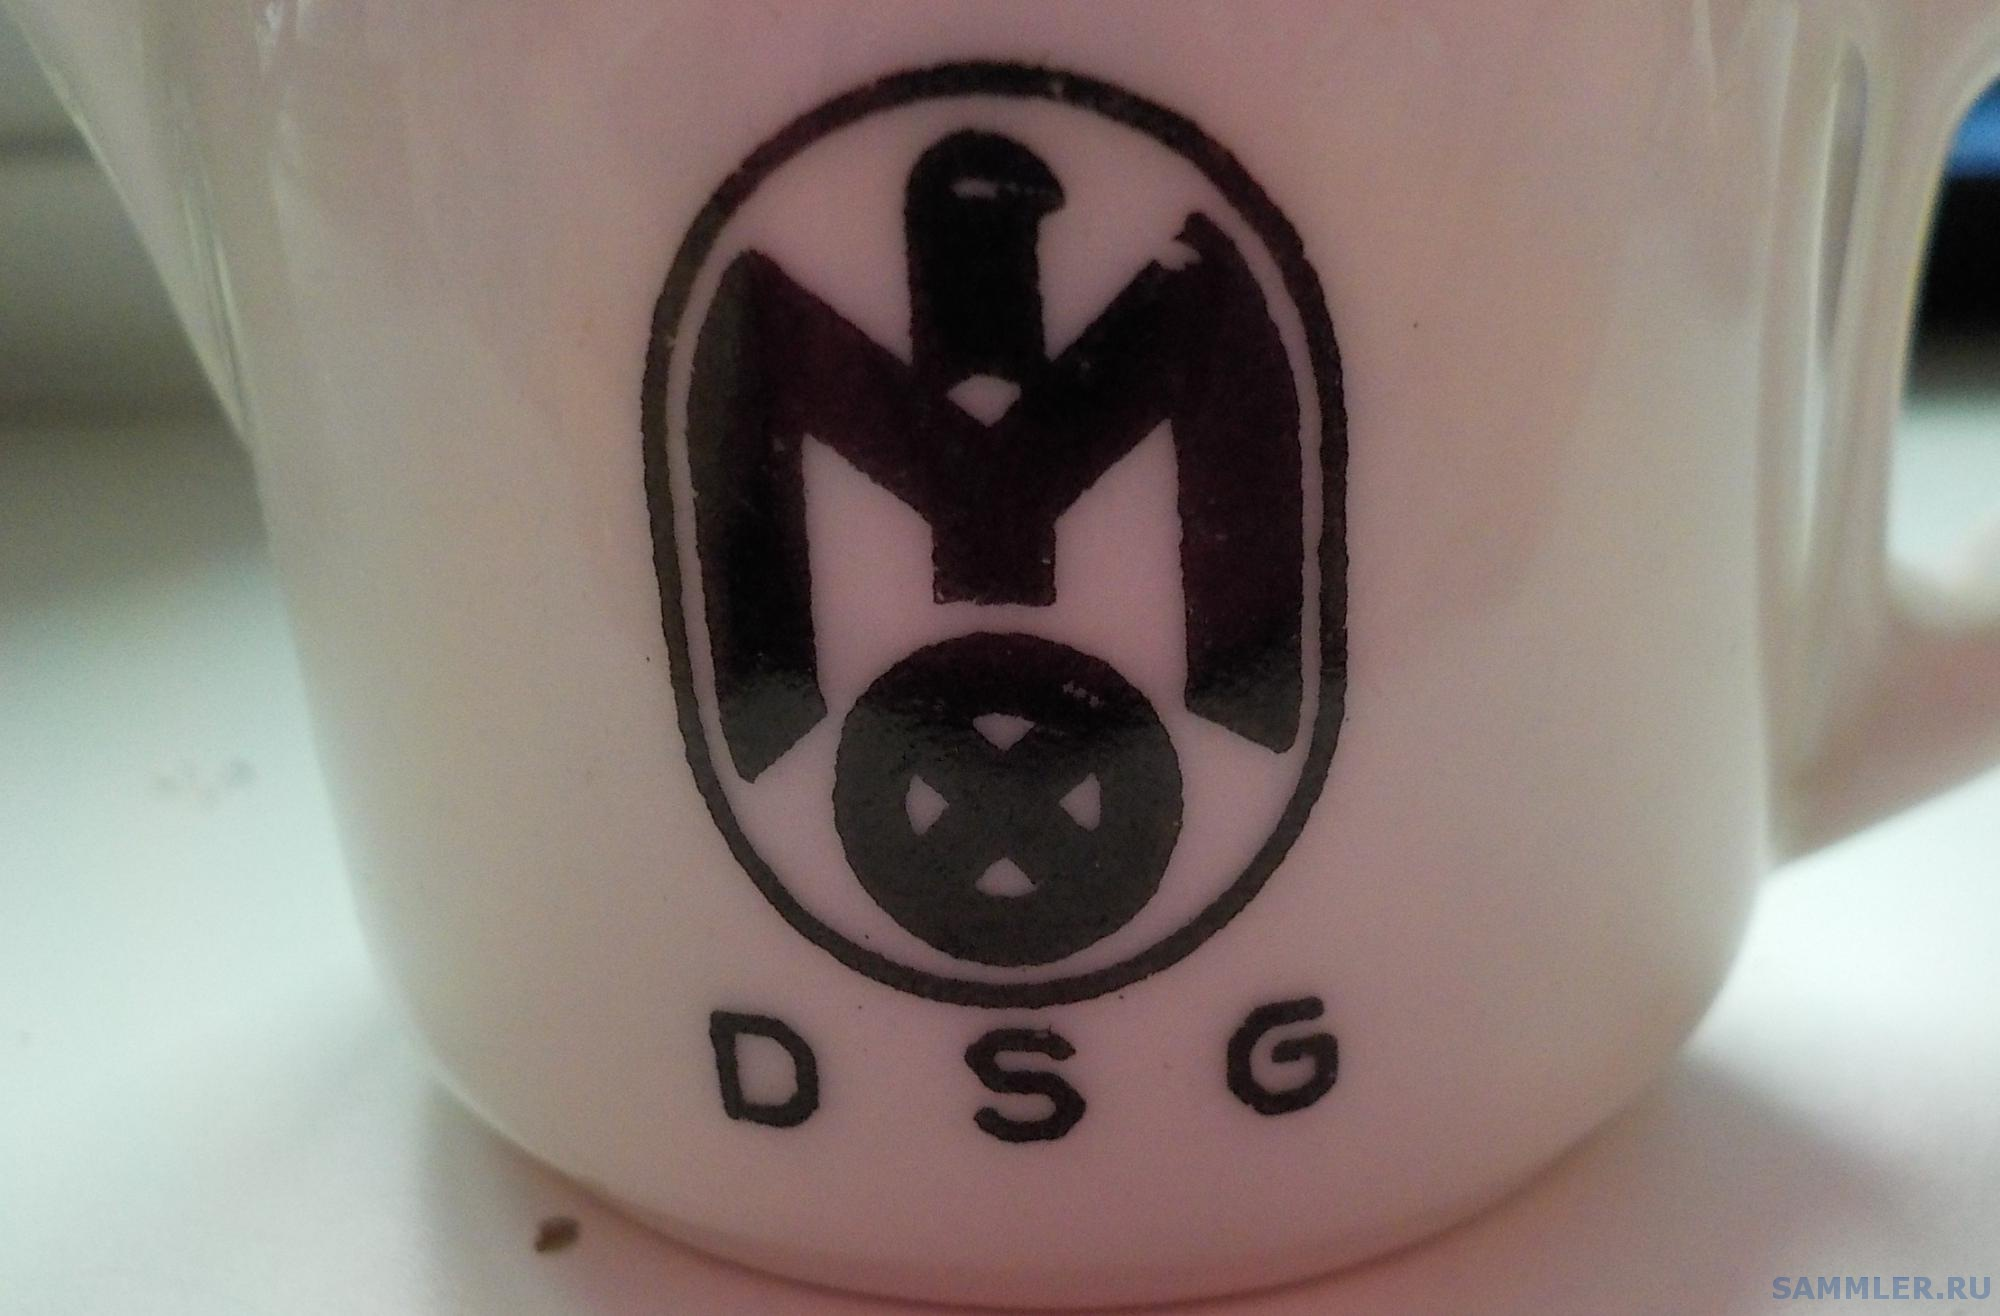 DSCN9626.JPG